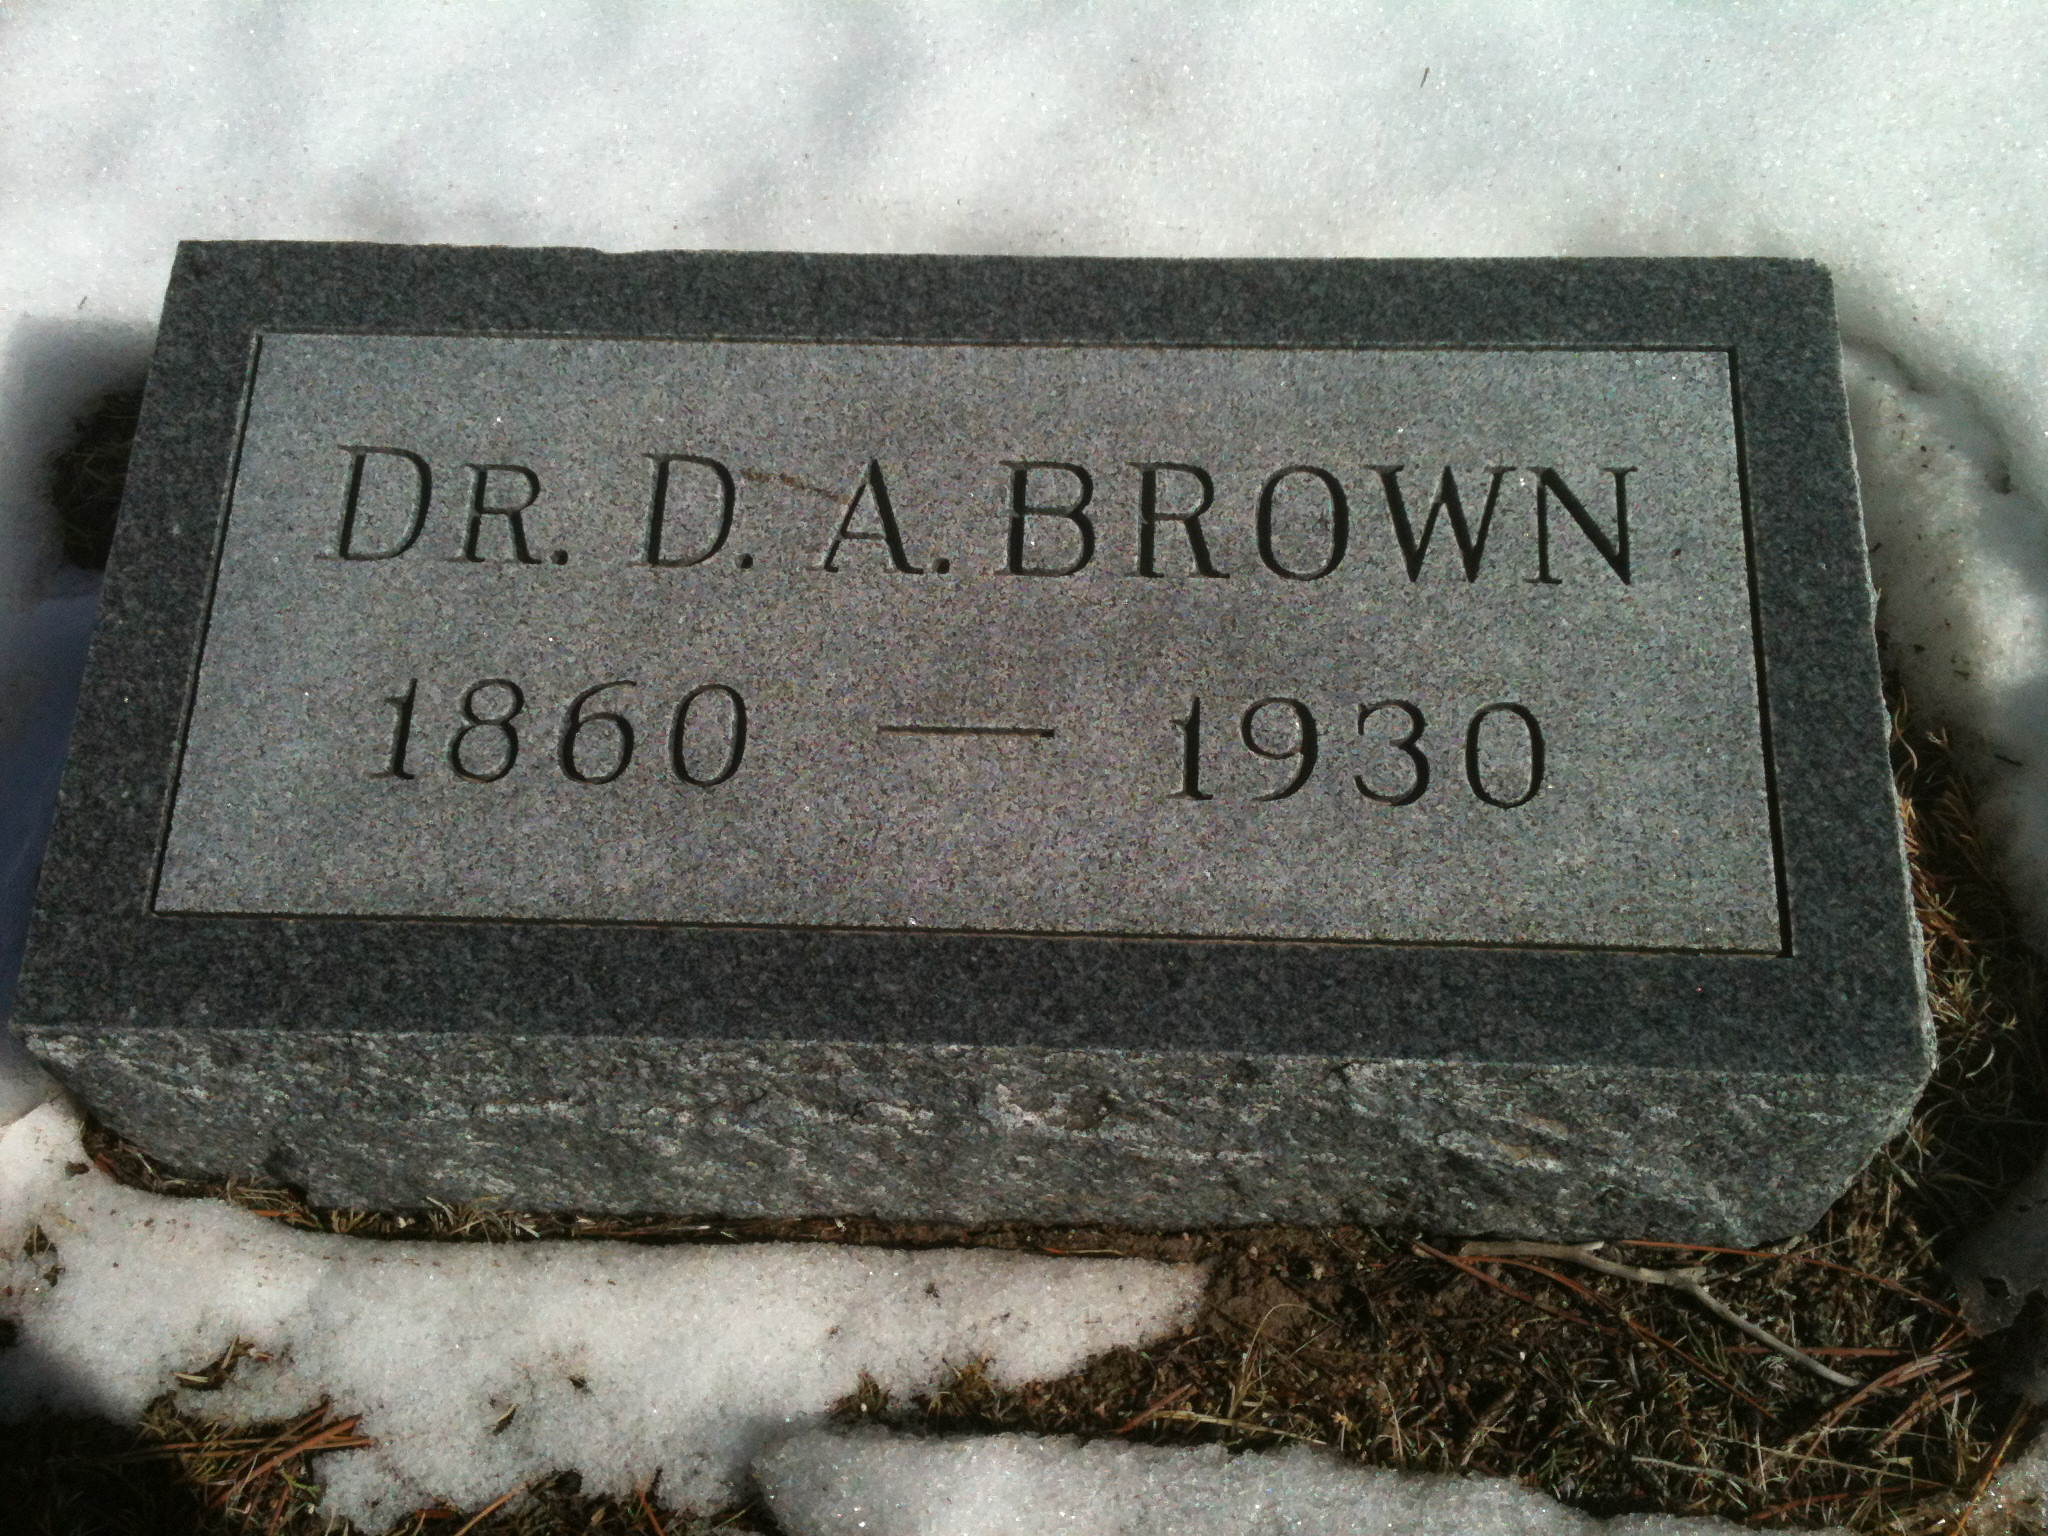 Delbert Alansing Brown